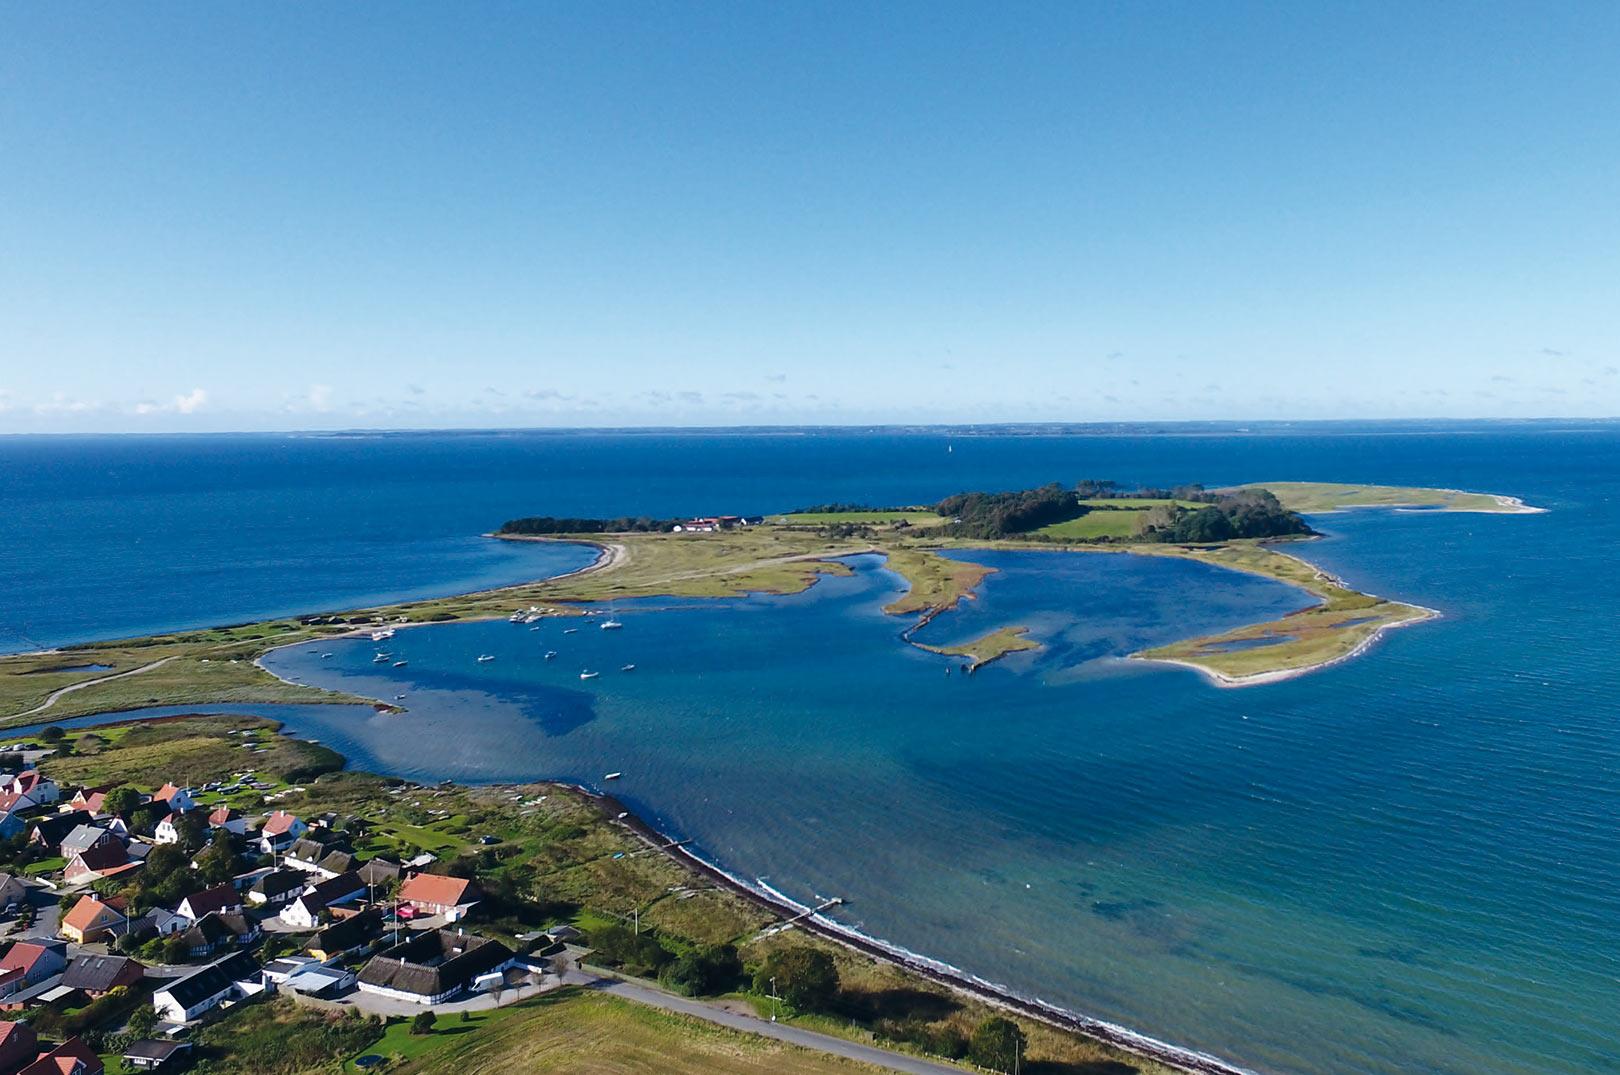 Torø byder på super havørredfiskeri i smukke omgivelser